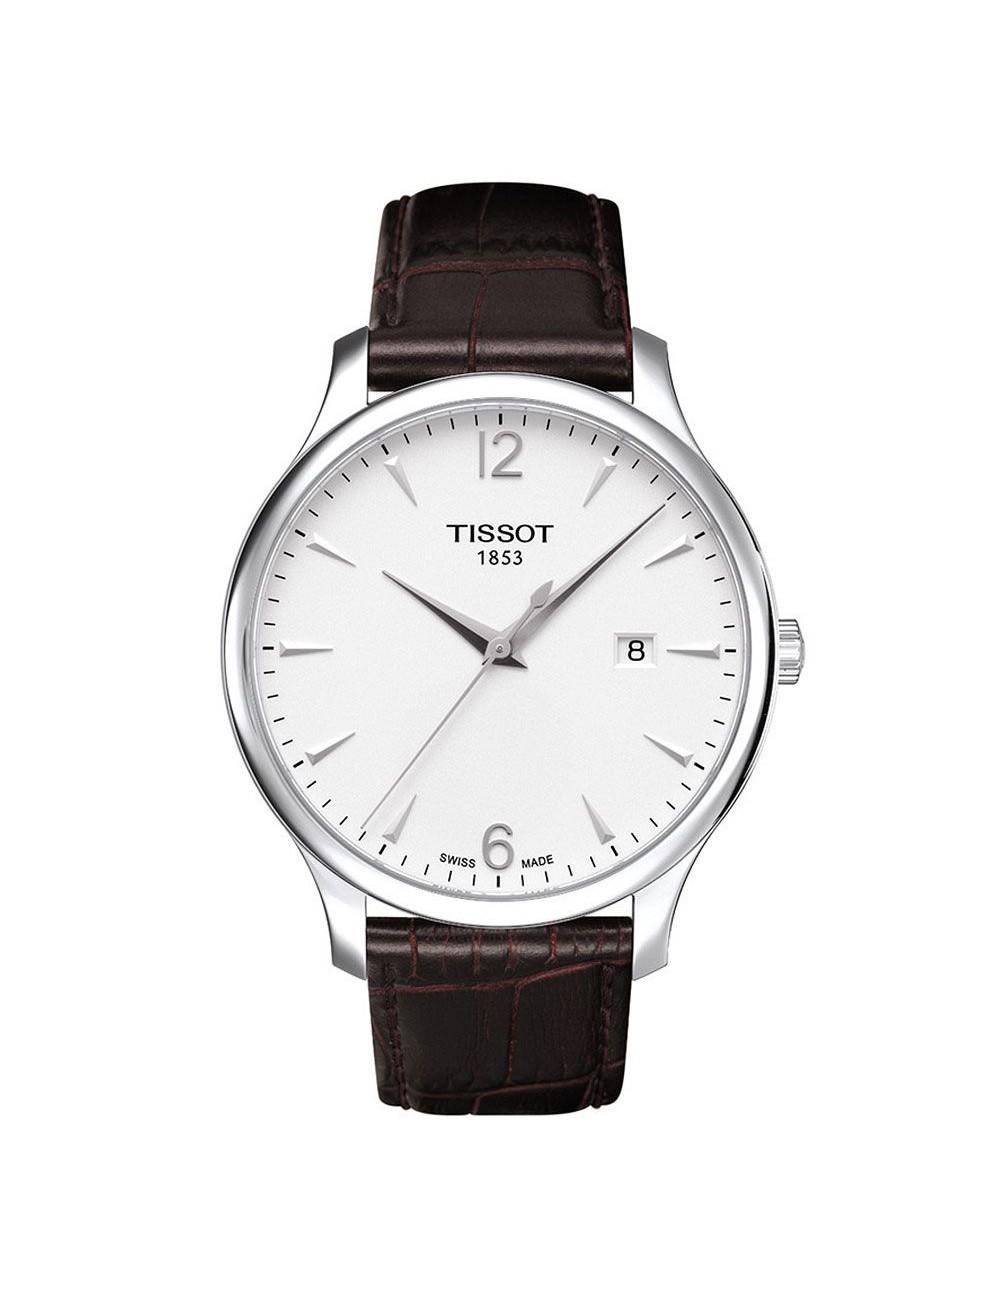 Tissot -Tissot Tradition -T063.610.16.037.00